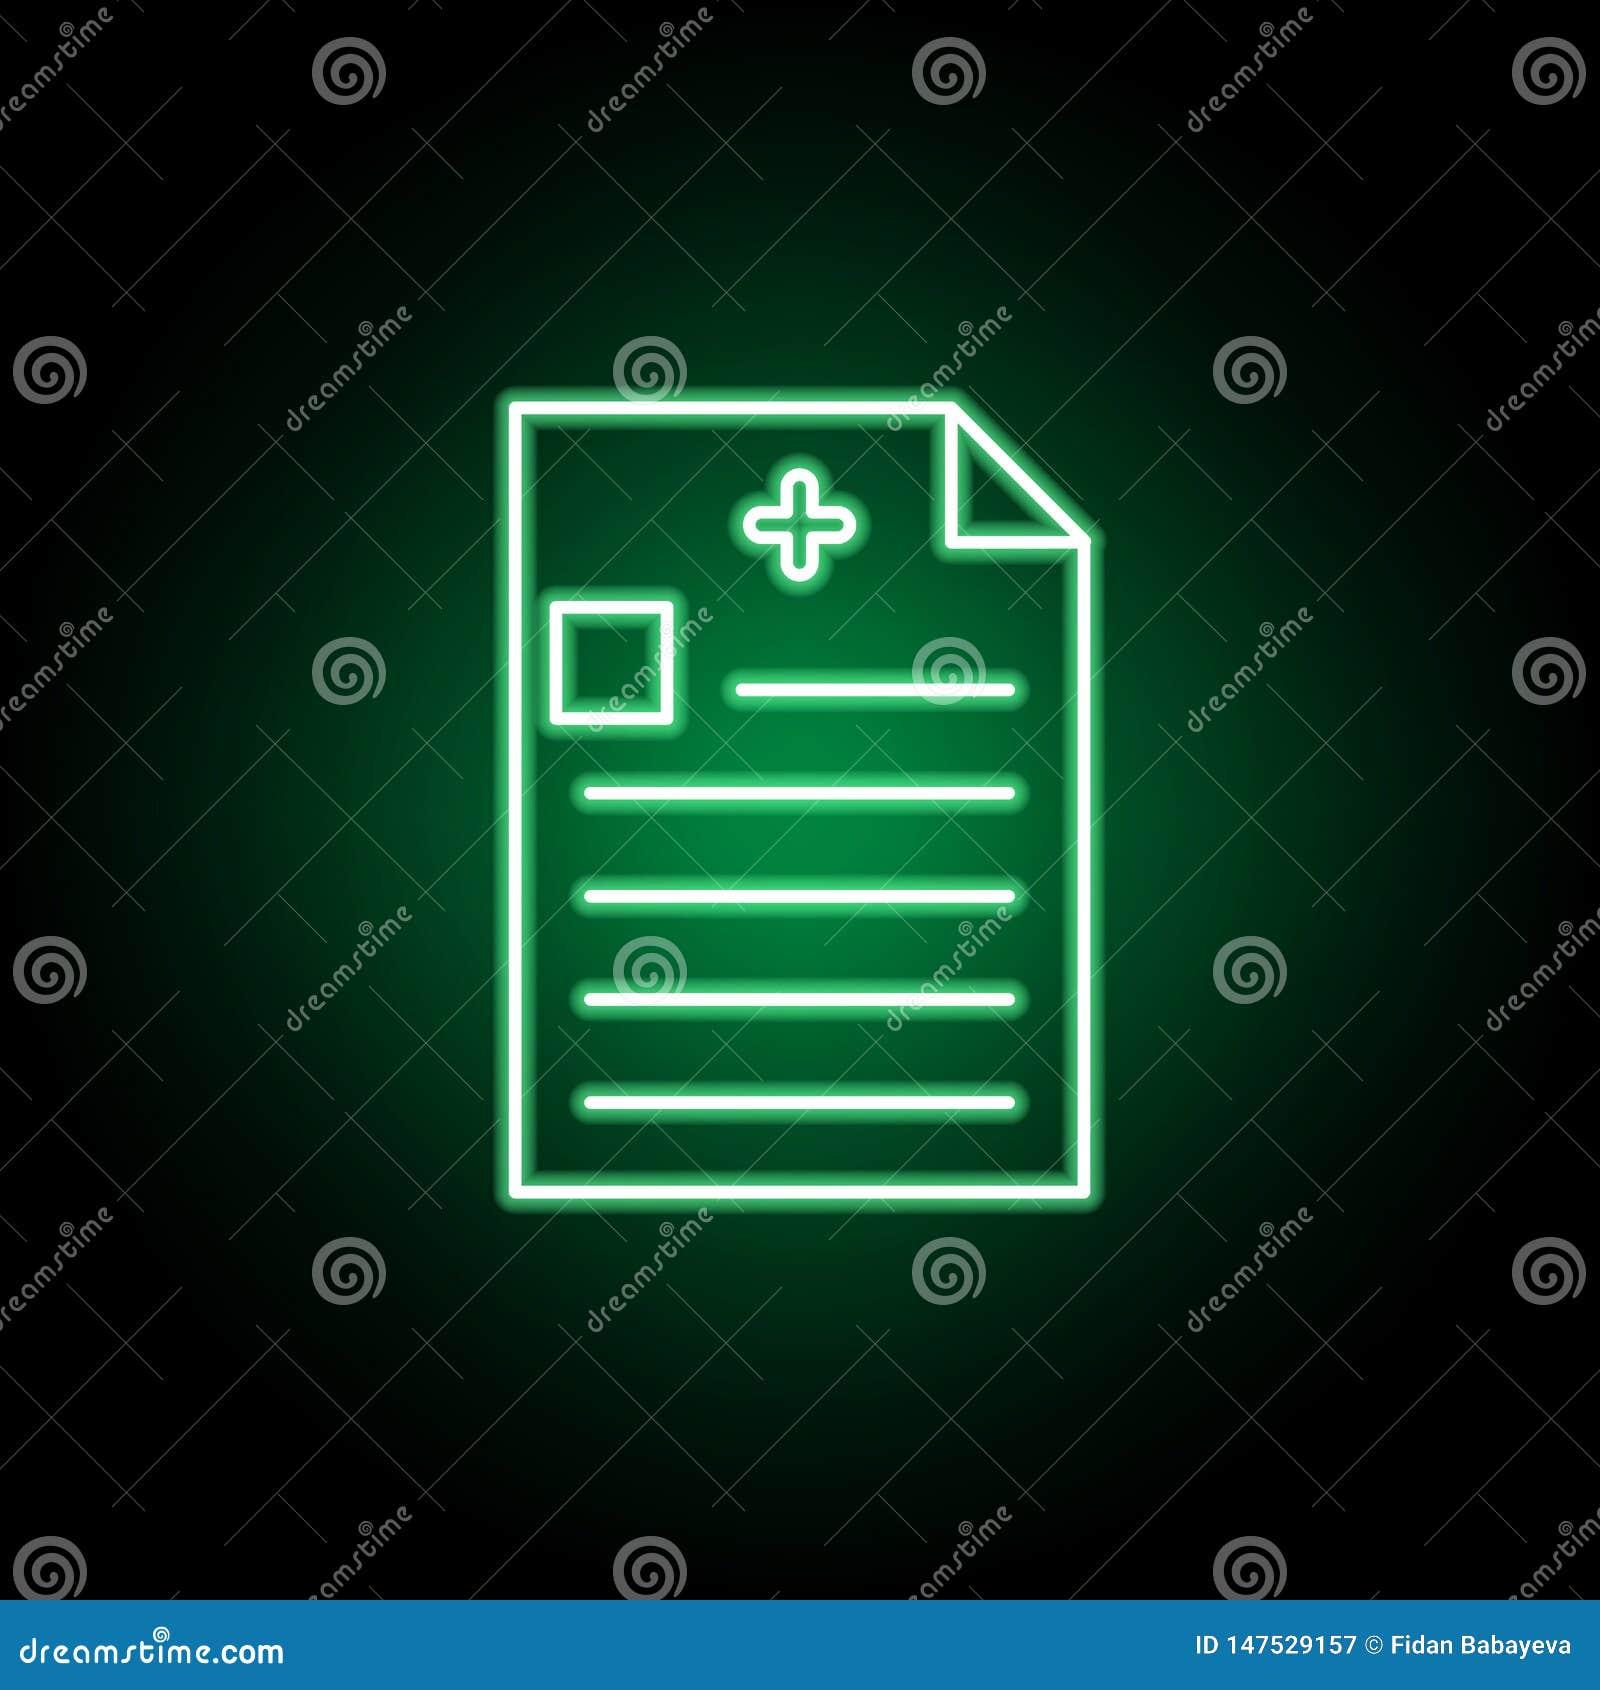 Ιατρικό, εικονίδιο εκθέσεων στο ύφος νέου Στοιχείο της απεικόνισης ιατρικής Το εικονίδιο σημαδιών και συμβόλων μπορεί να χρησιμοπ